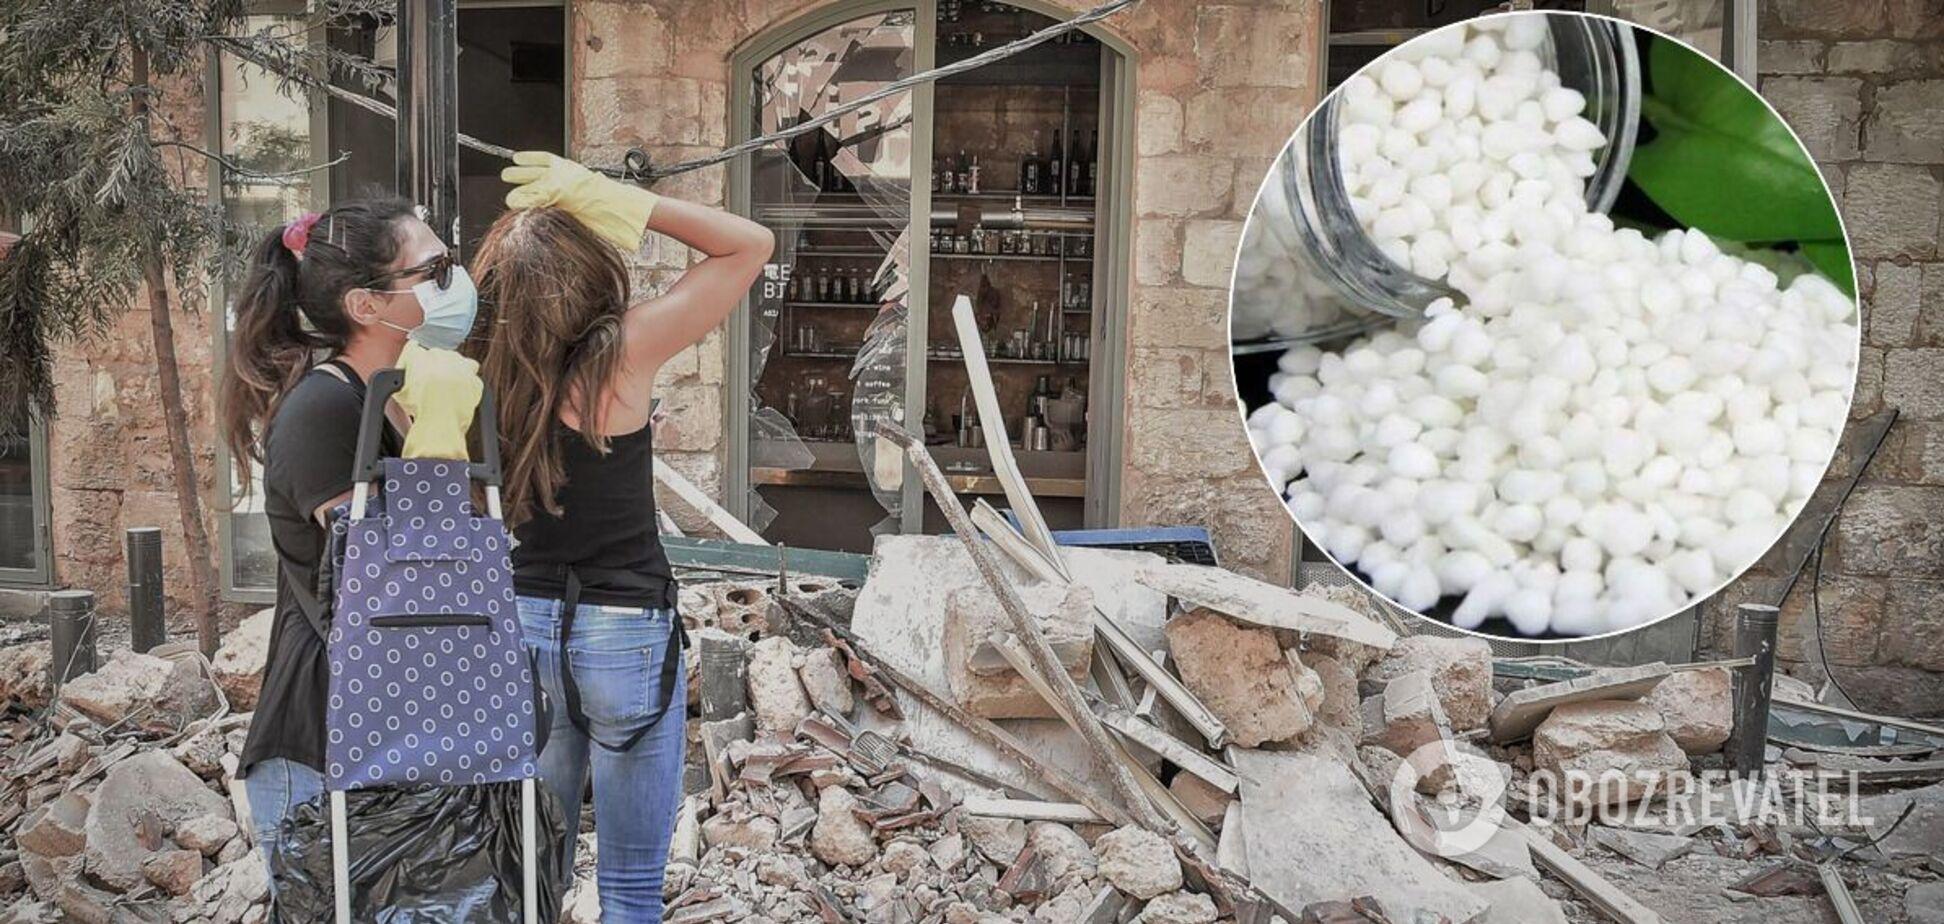 В результате взрыва в Бейруте погибли более 100 человек, тысячи ранены